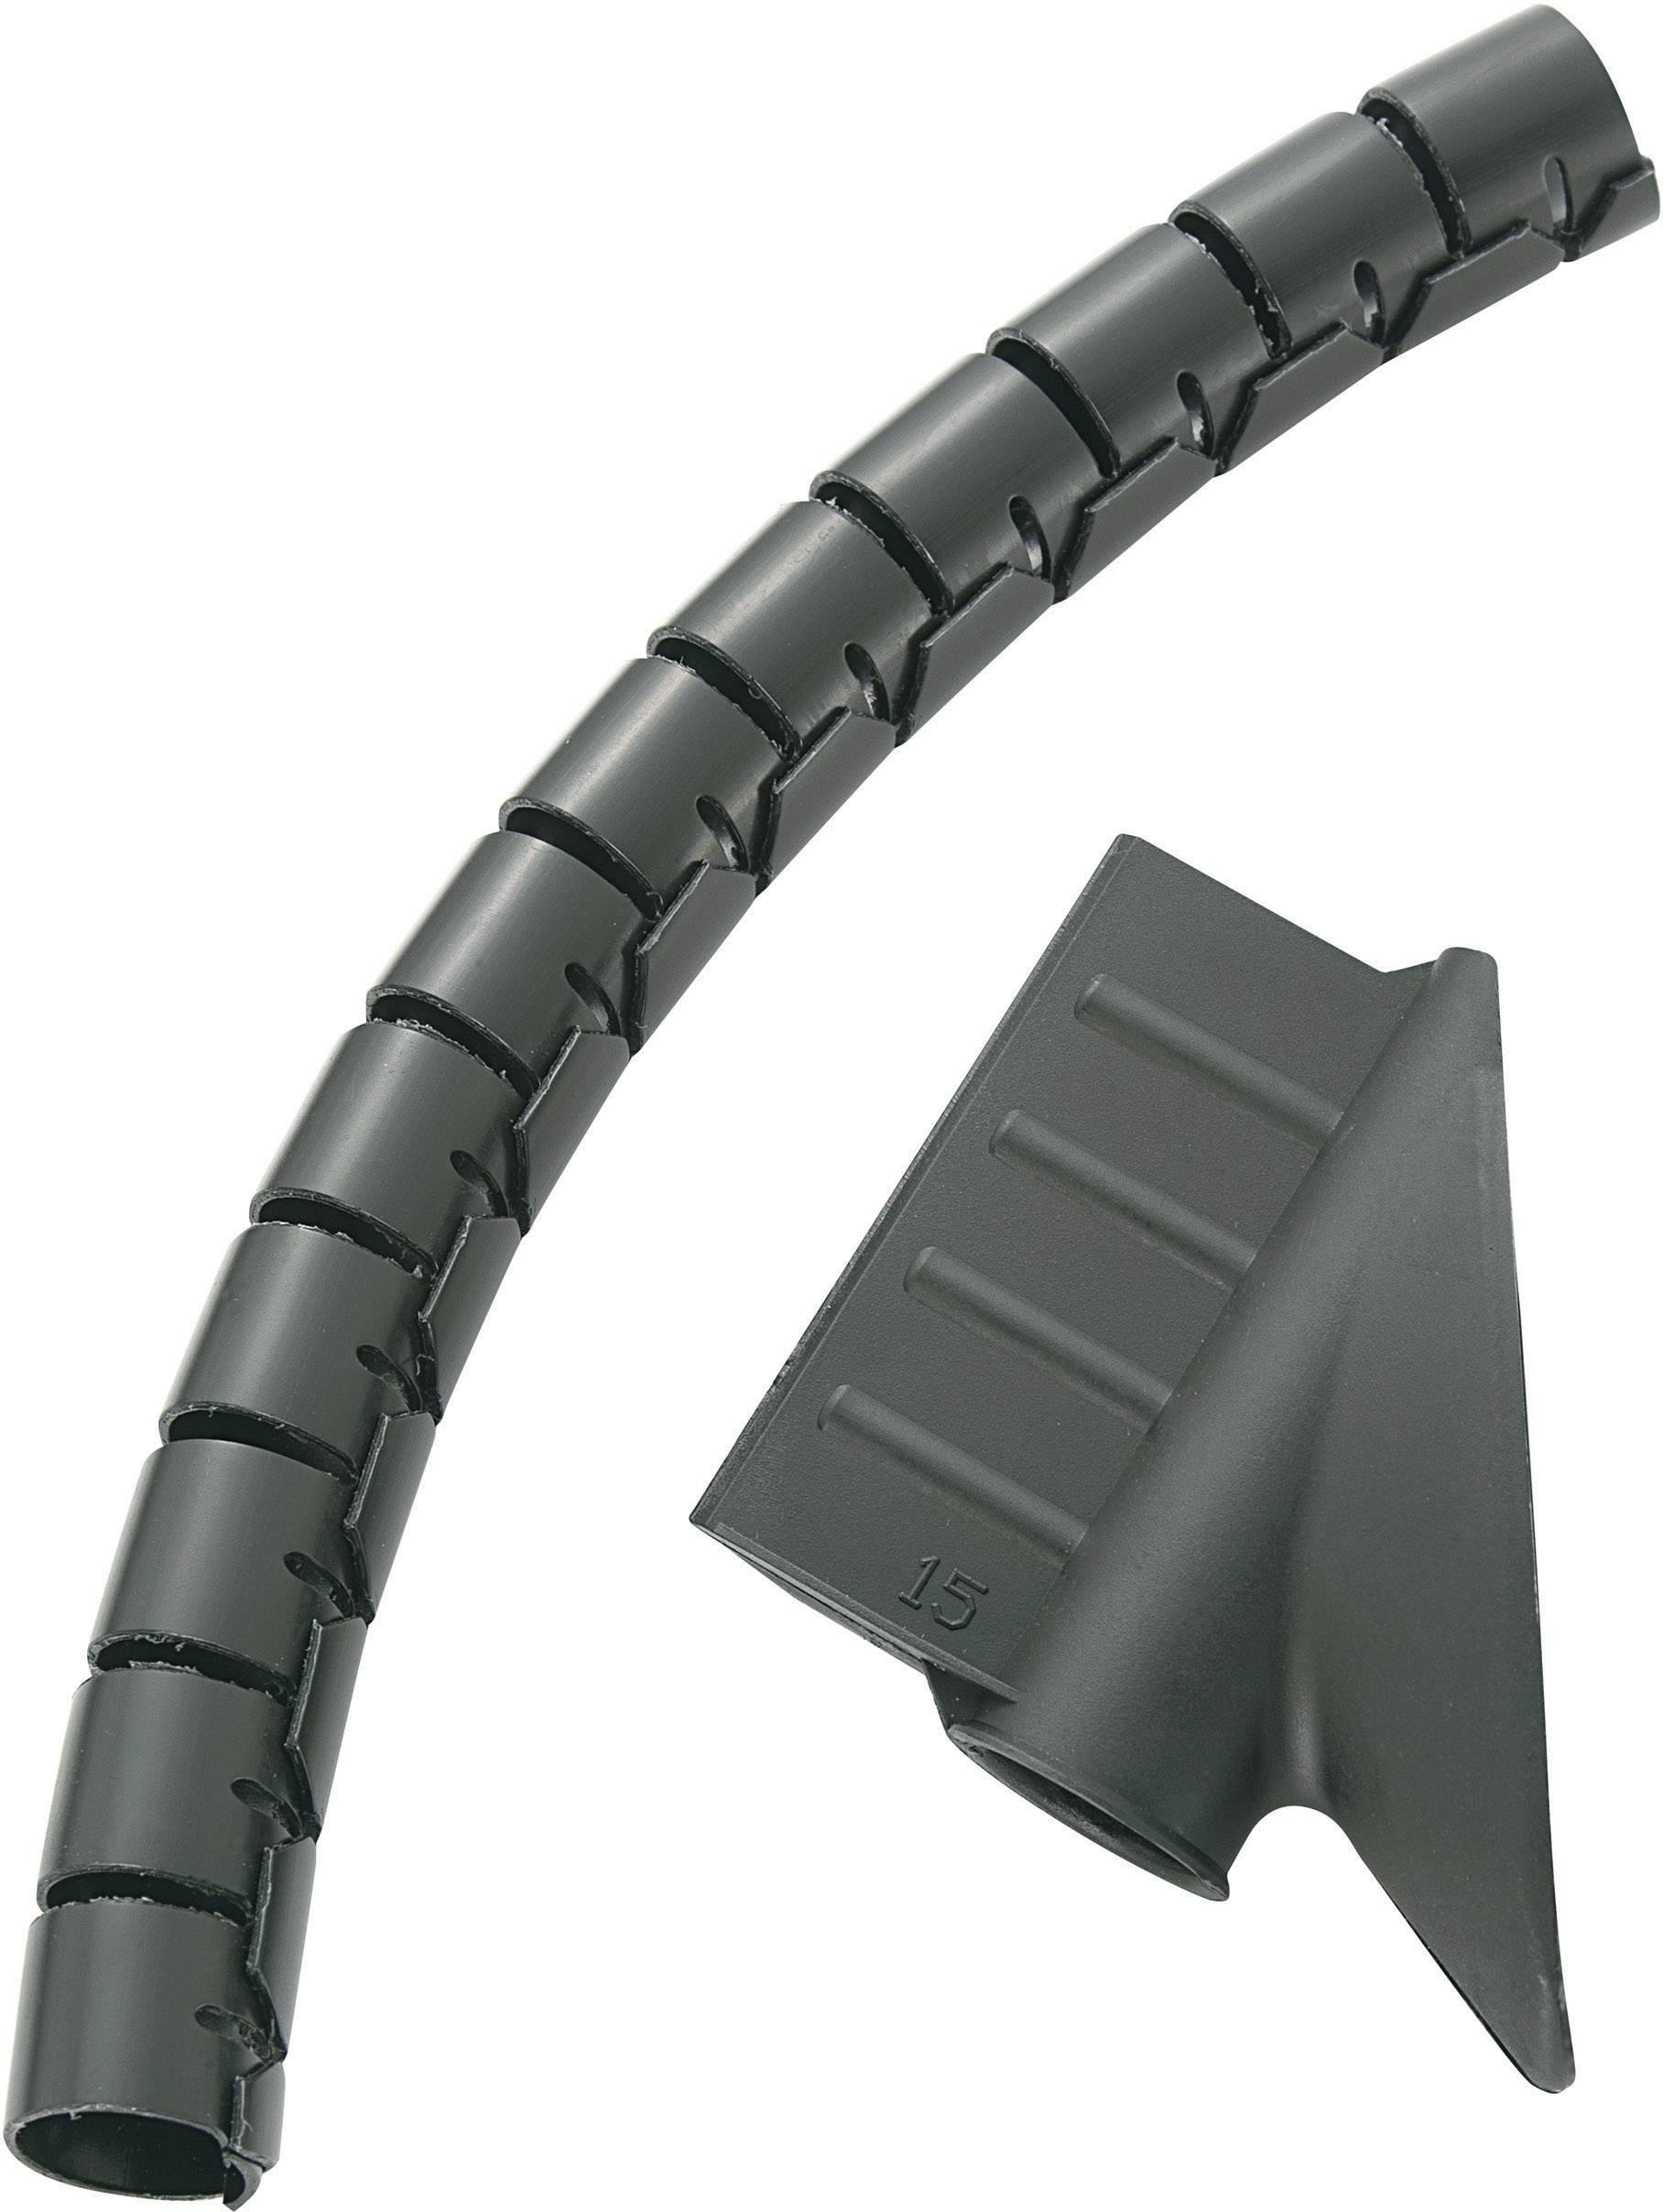 Káblový oplet KSS MX-KLT8BK 545345, čierna, 5 m